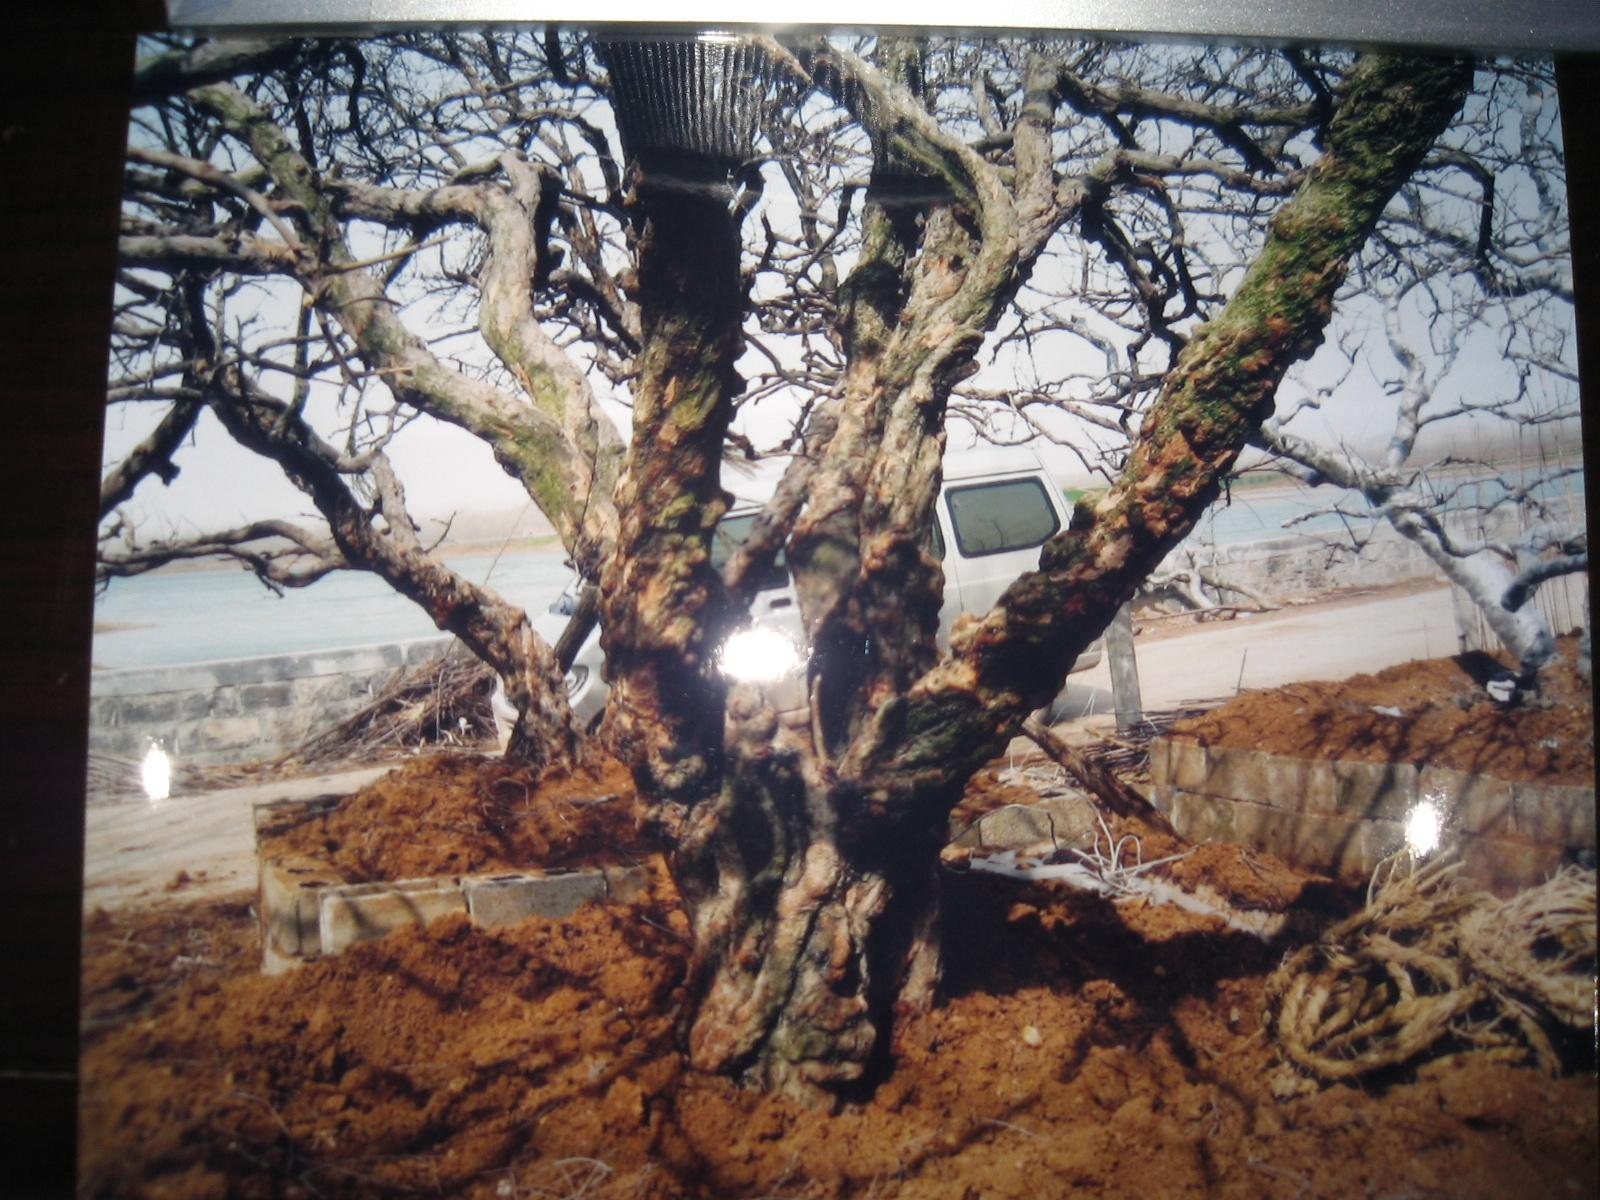 出售各种规格:石榴树,枣树,柿树,樱桃树,银杏树等收藏